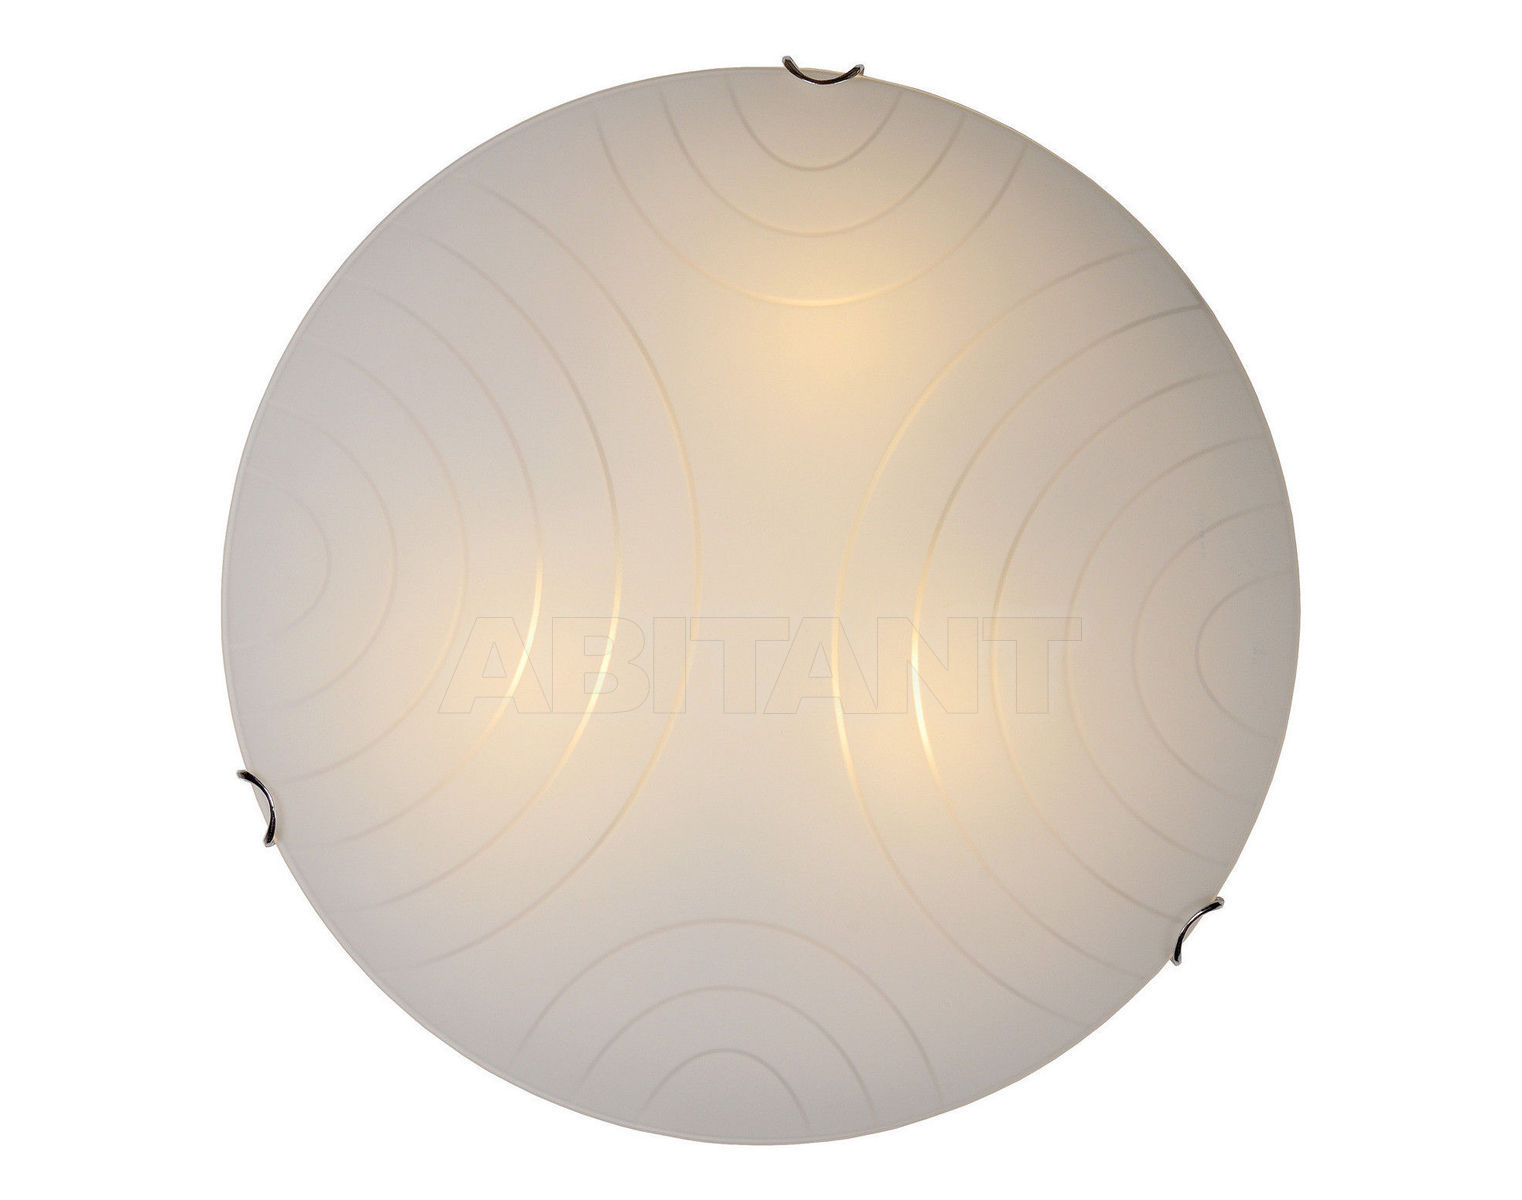 Купить Светильник VERSA Lucide  Ceiling & Wall Lights 79104/73/67